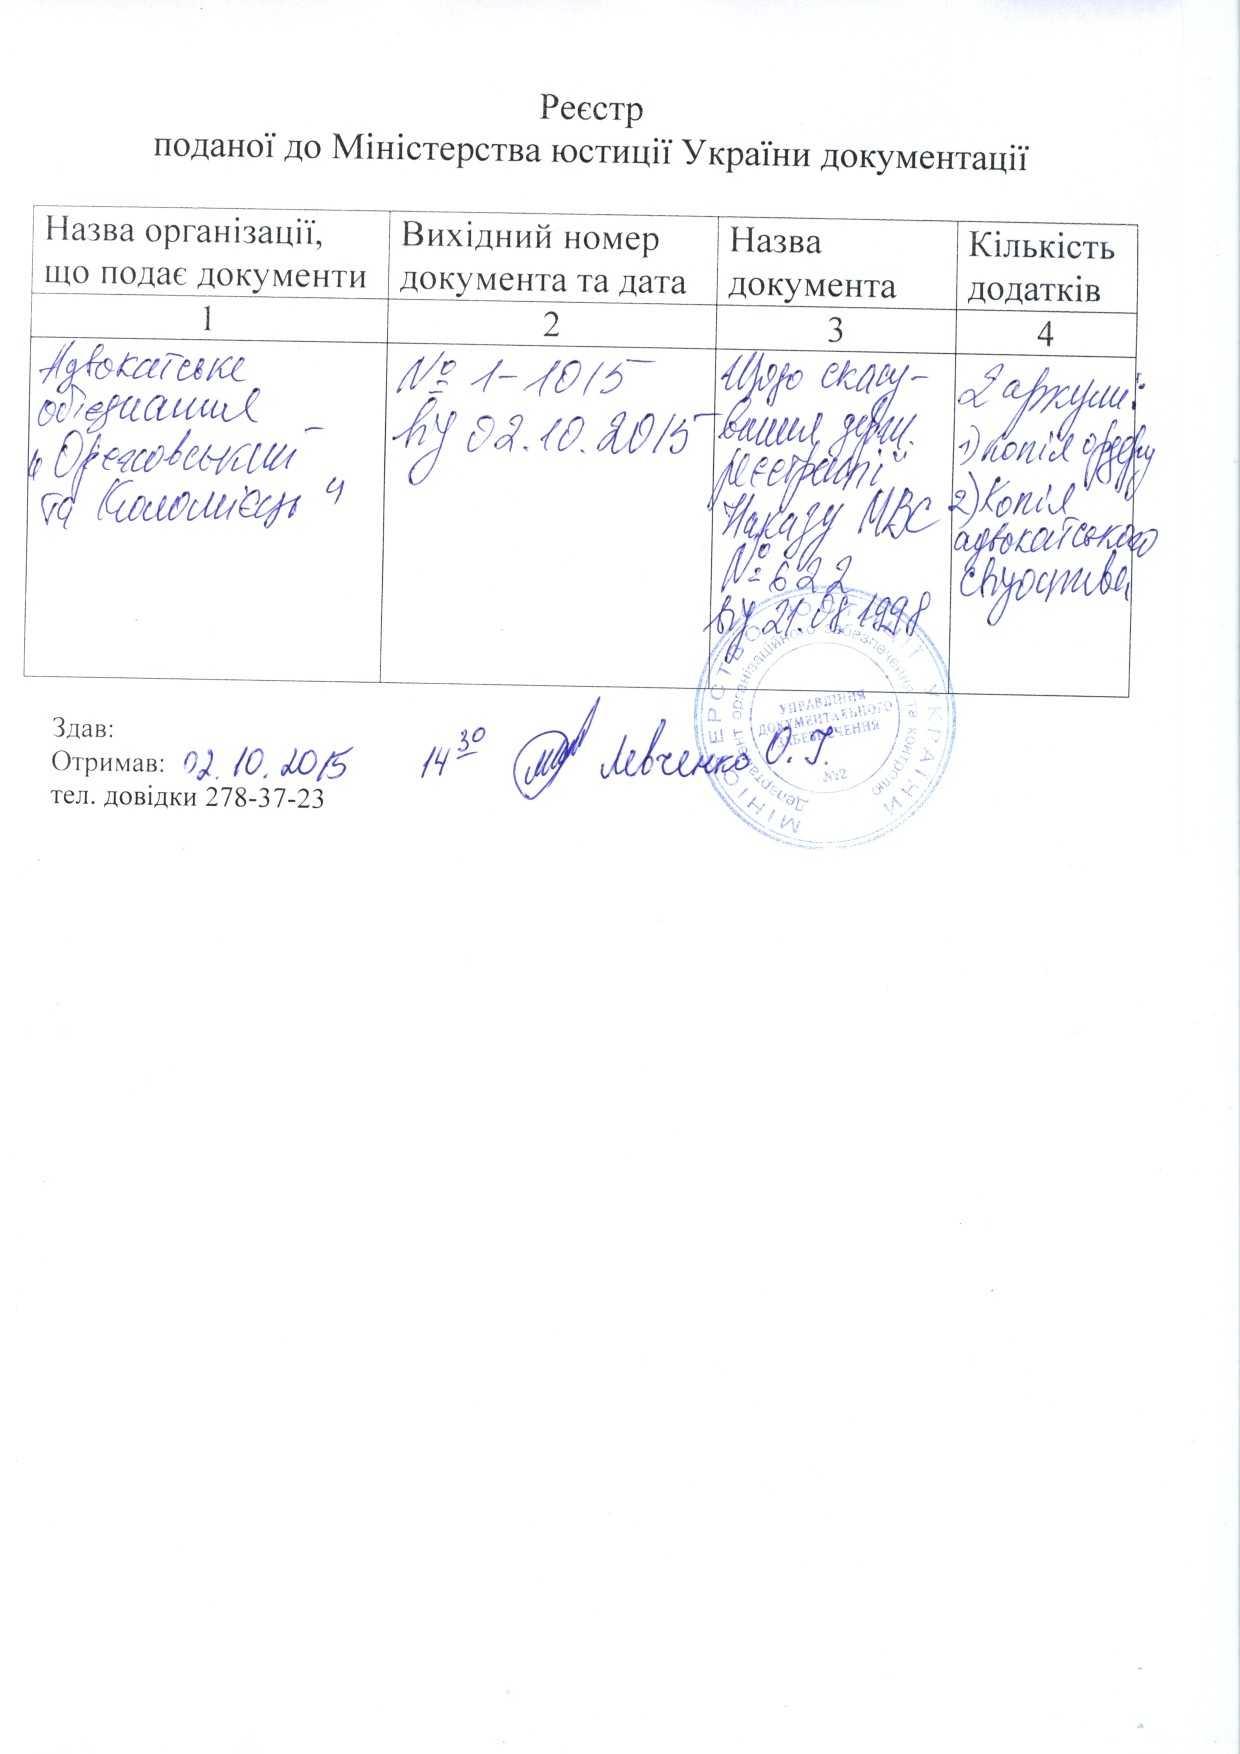 Докази реєстрації в Мінюсту.